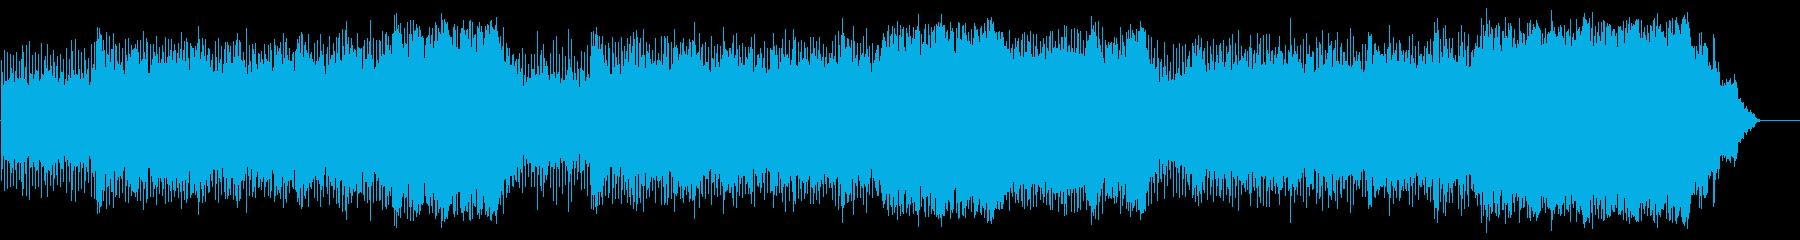 シリアスなテーマのマイナーフュージョンの再生済みの波形